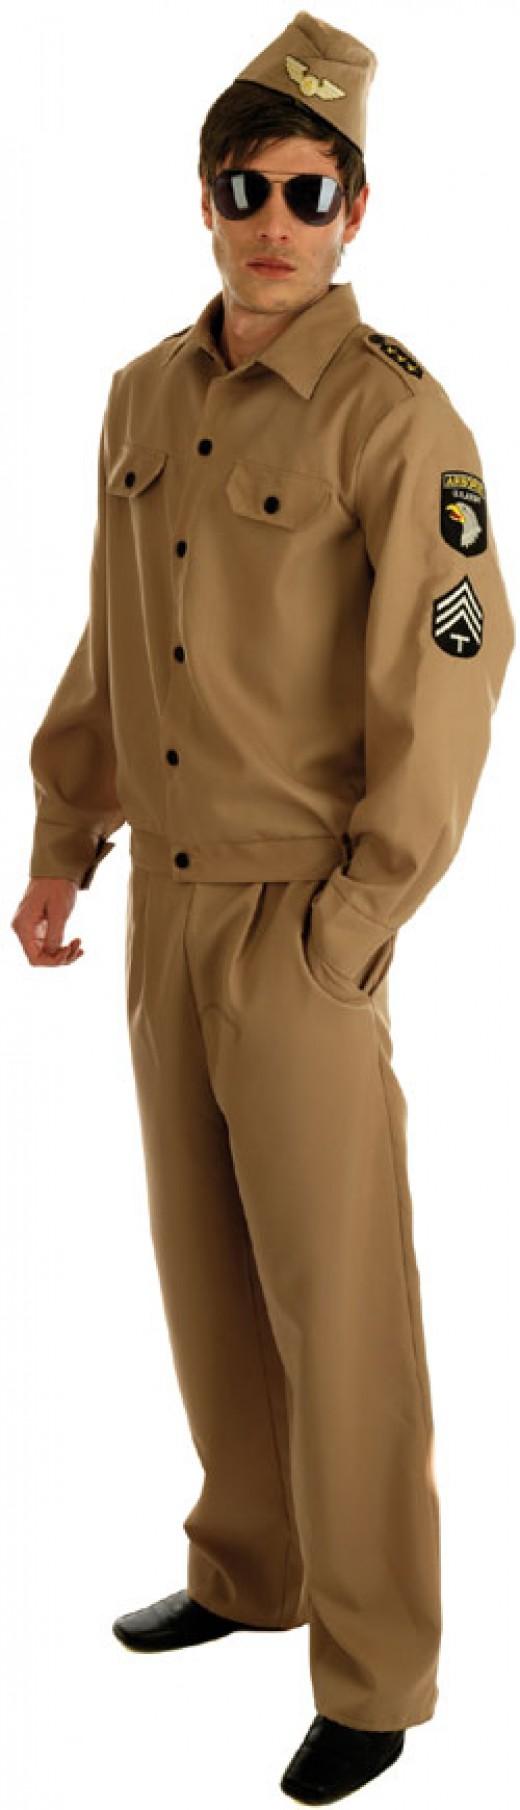 American GI Costume